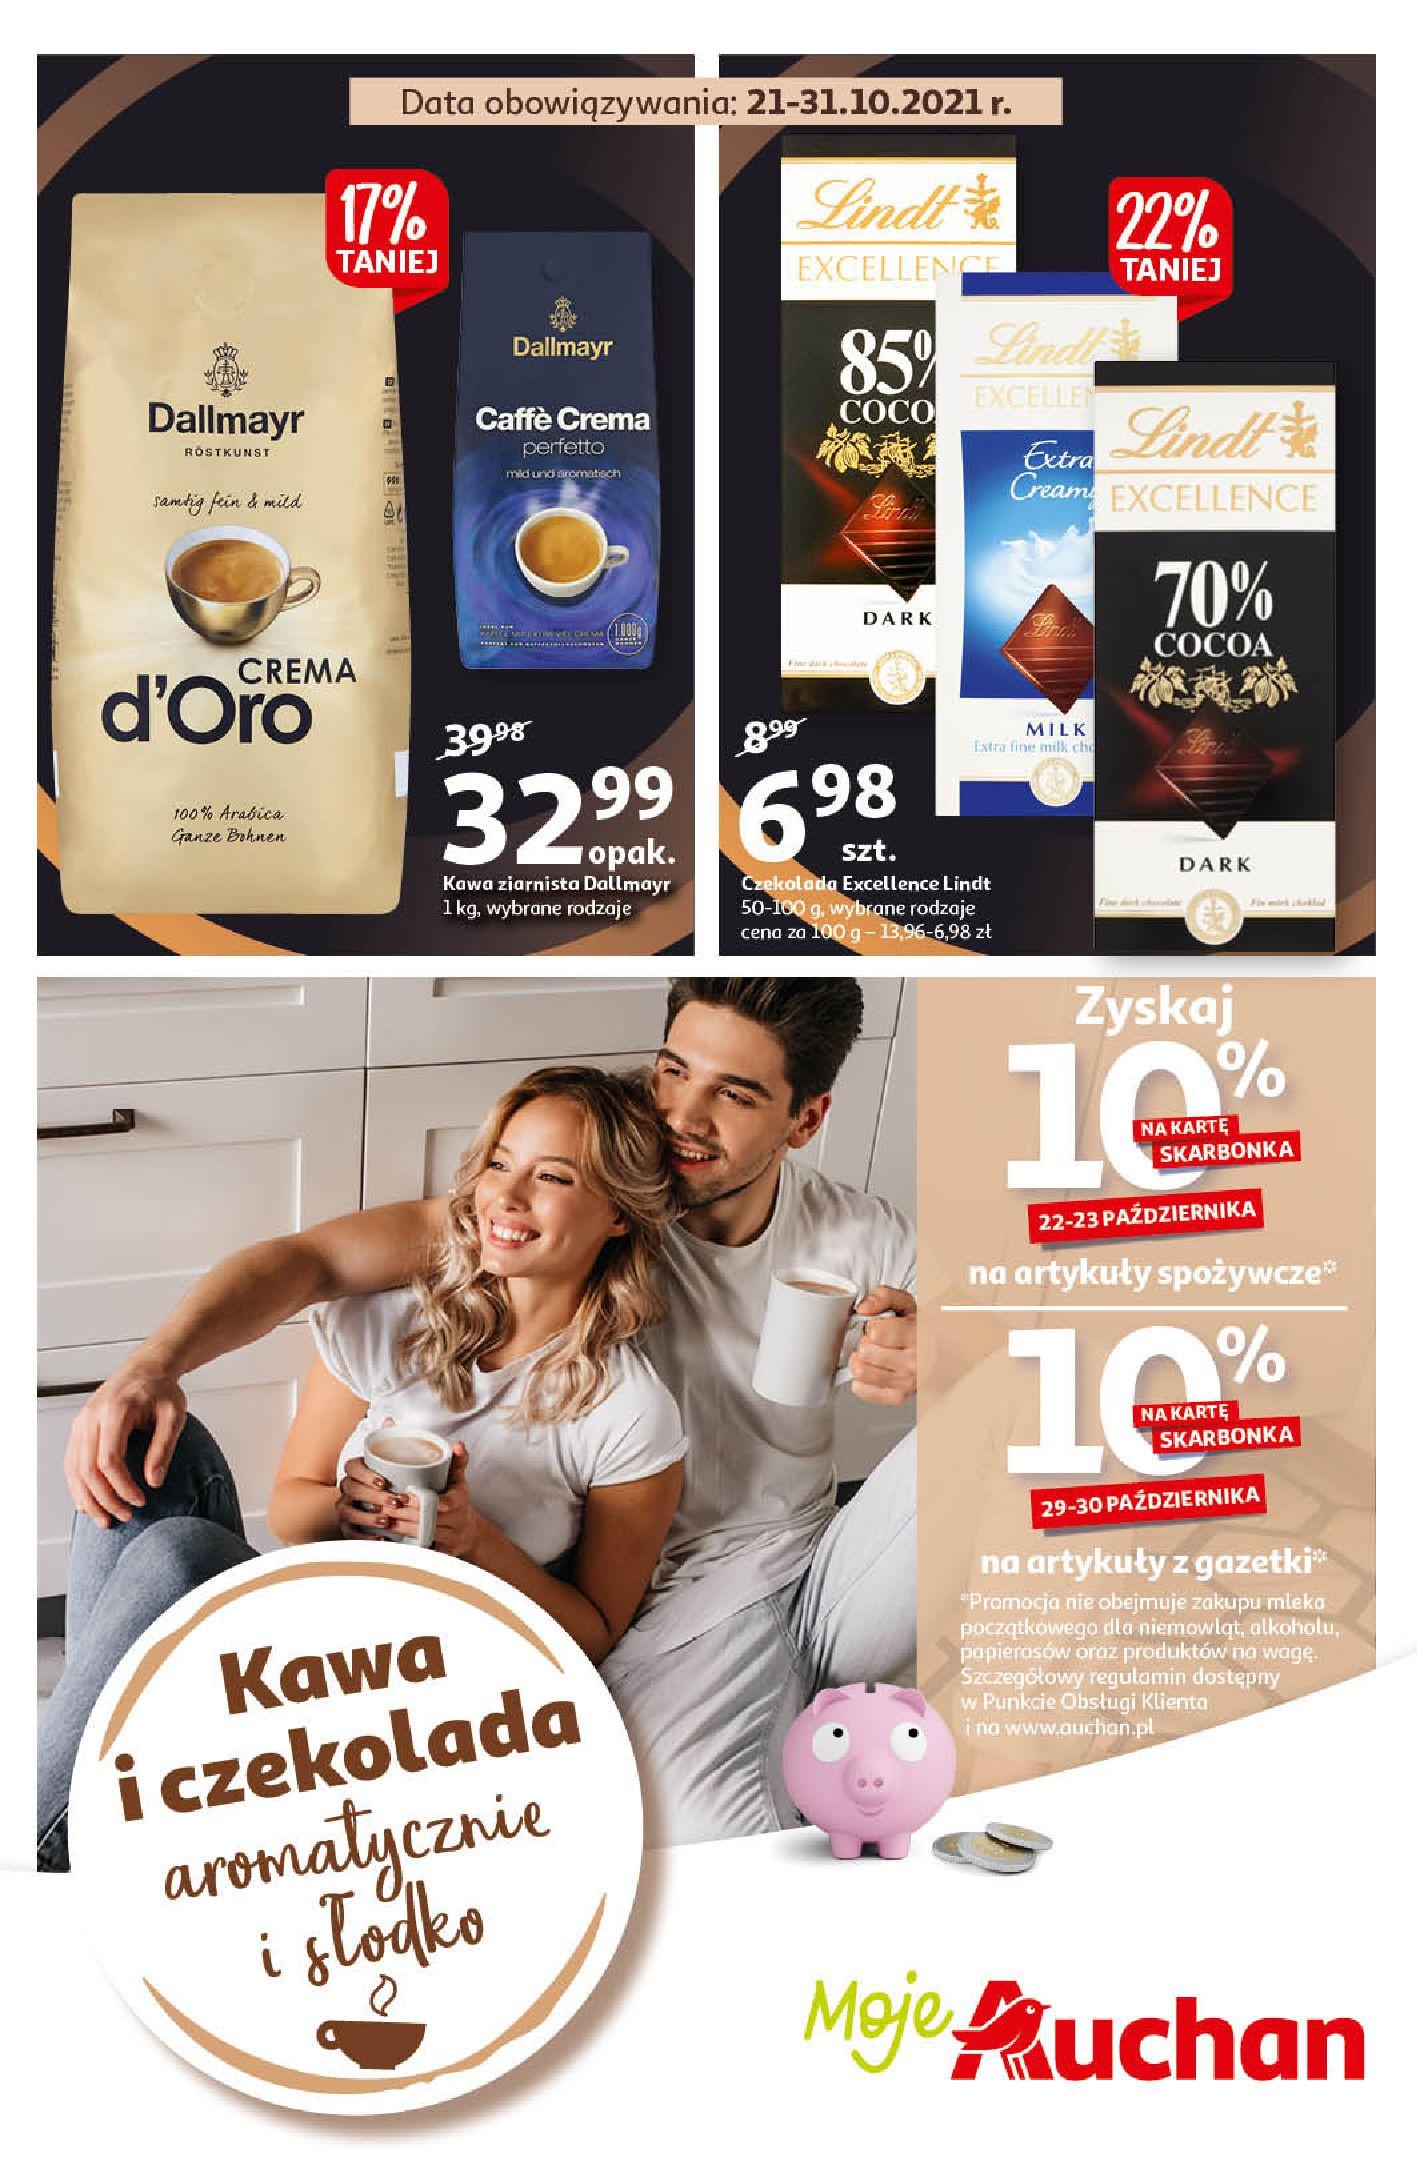 Gazetka Auchan: Gazetka Auchan - Kawa i czekolada aromatycznie i słodko Moje Auchan - 20.10.2021